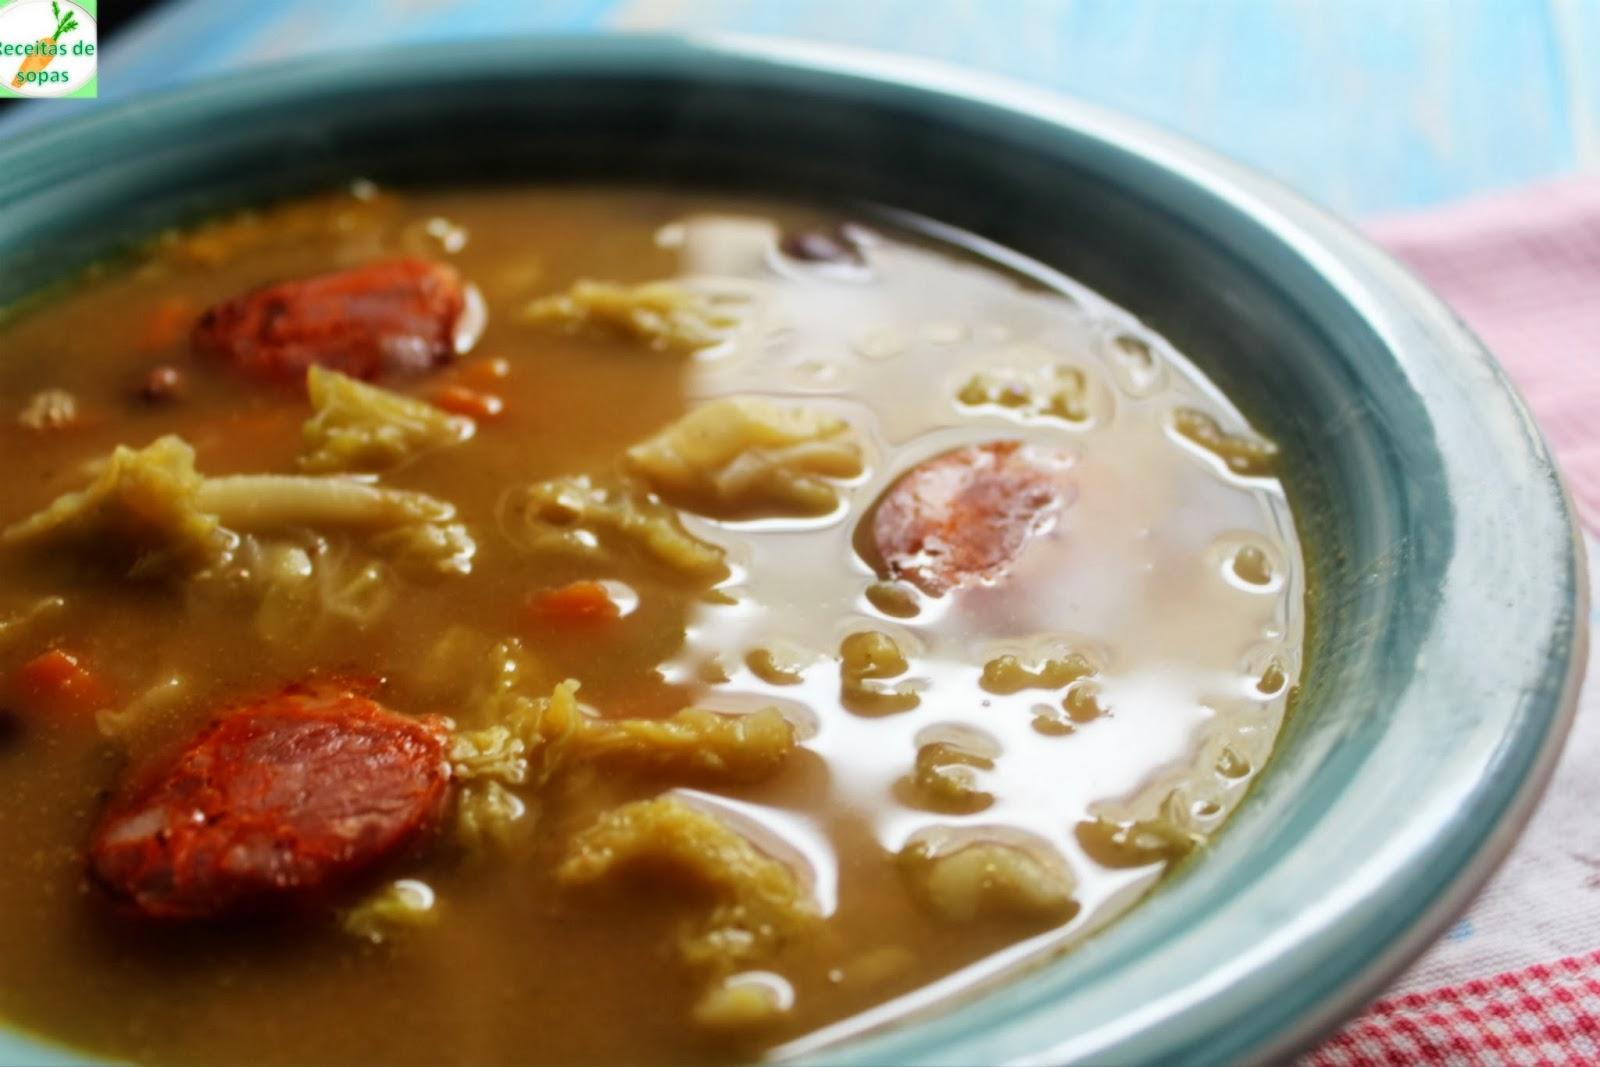 sopa de feijao encarnado